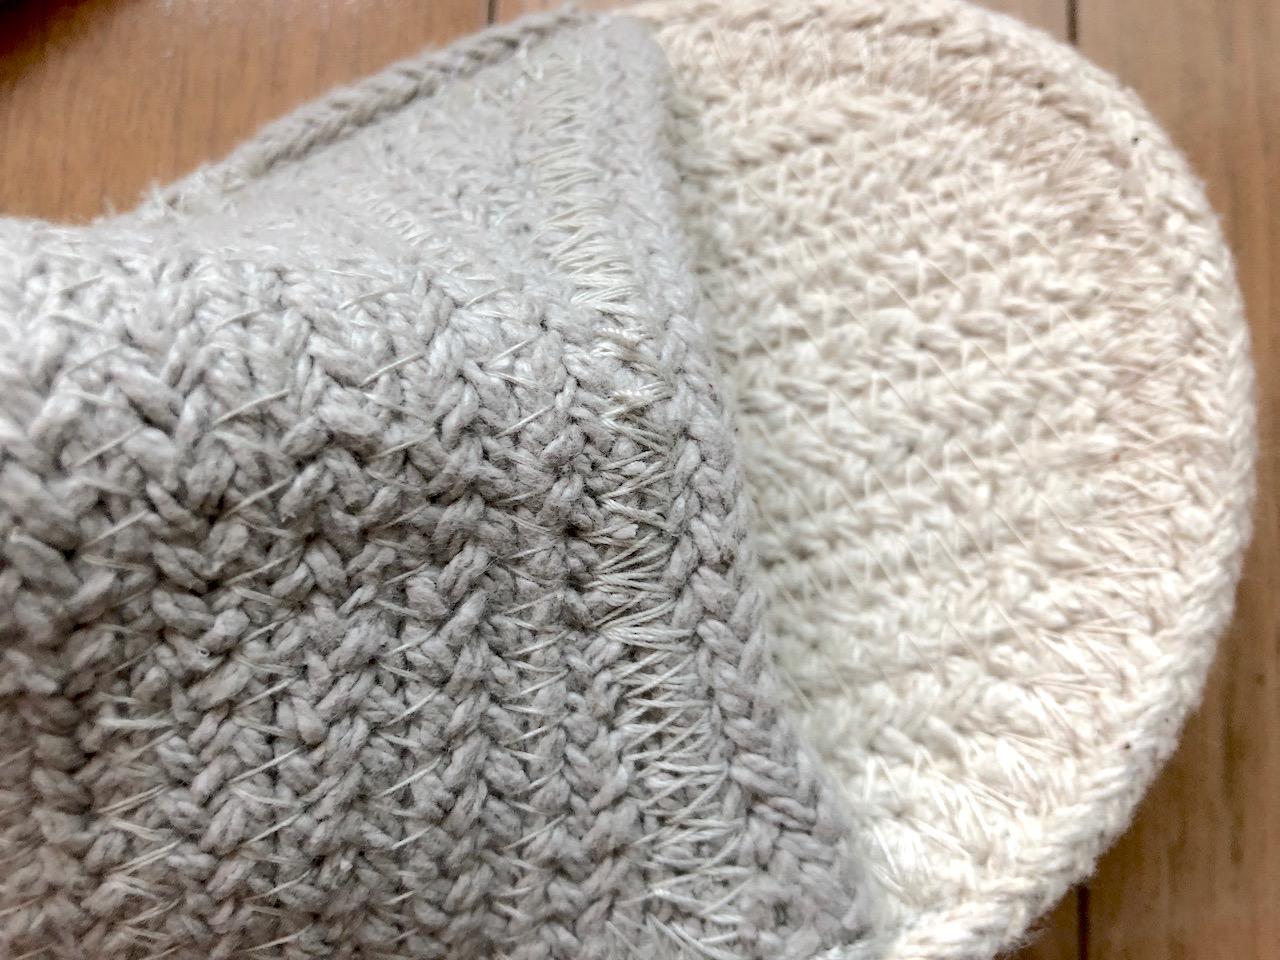 無印良品「インド綿混ルームサンダル」手しごとならではのオンリーワン|4色展開で好みが見つかります